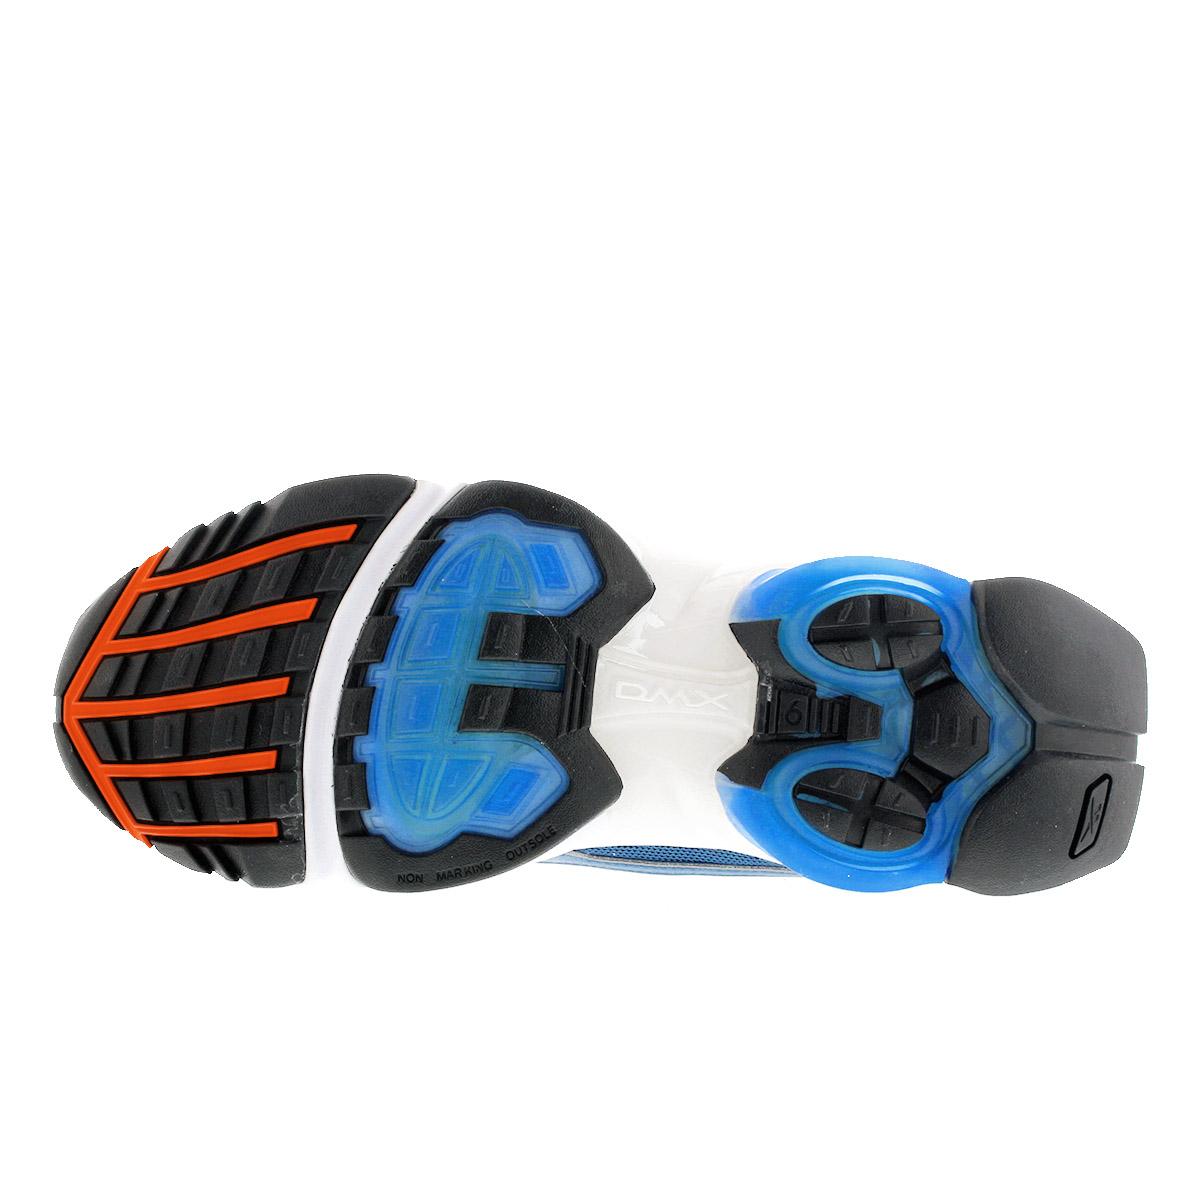 毎日がお得 値下げプライスReebok DMX6 MMI OG リーボック ディーエムエックス 6 MMI オージー TRUE GREY WASHED BLUE WHITE dv9076TFK31lJc